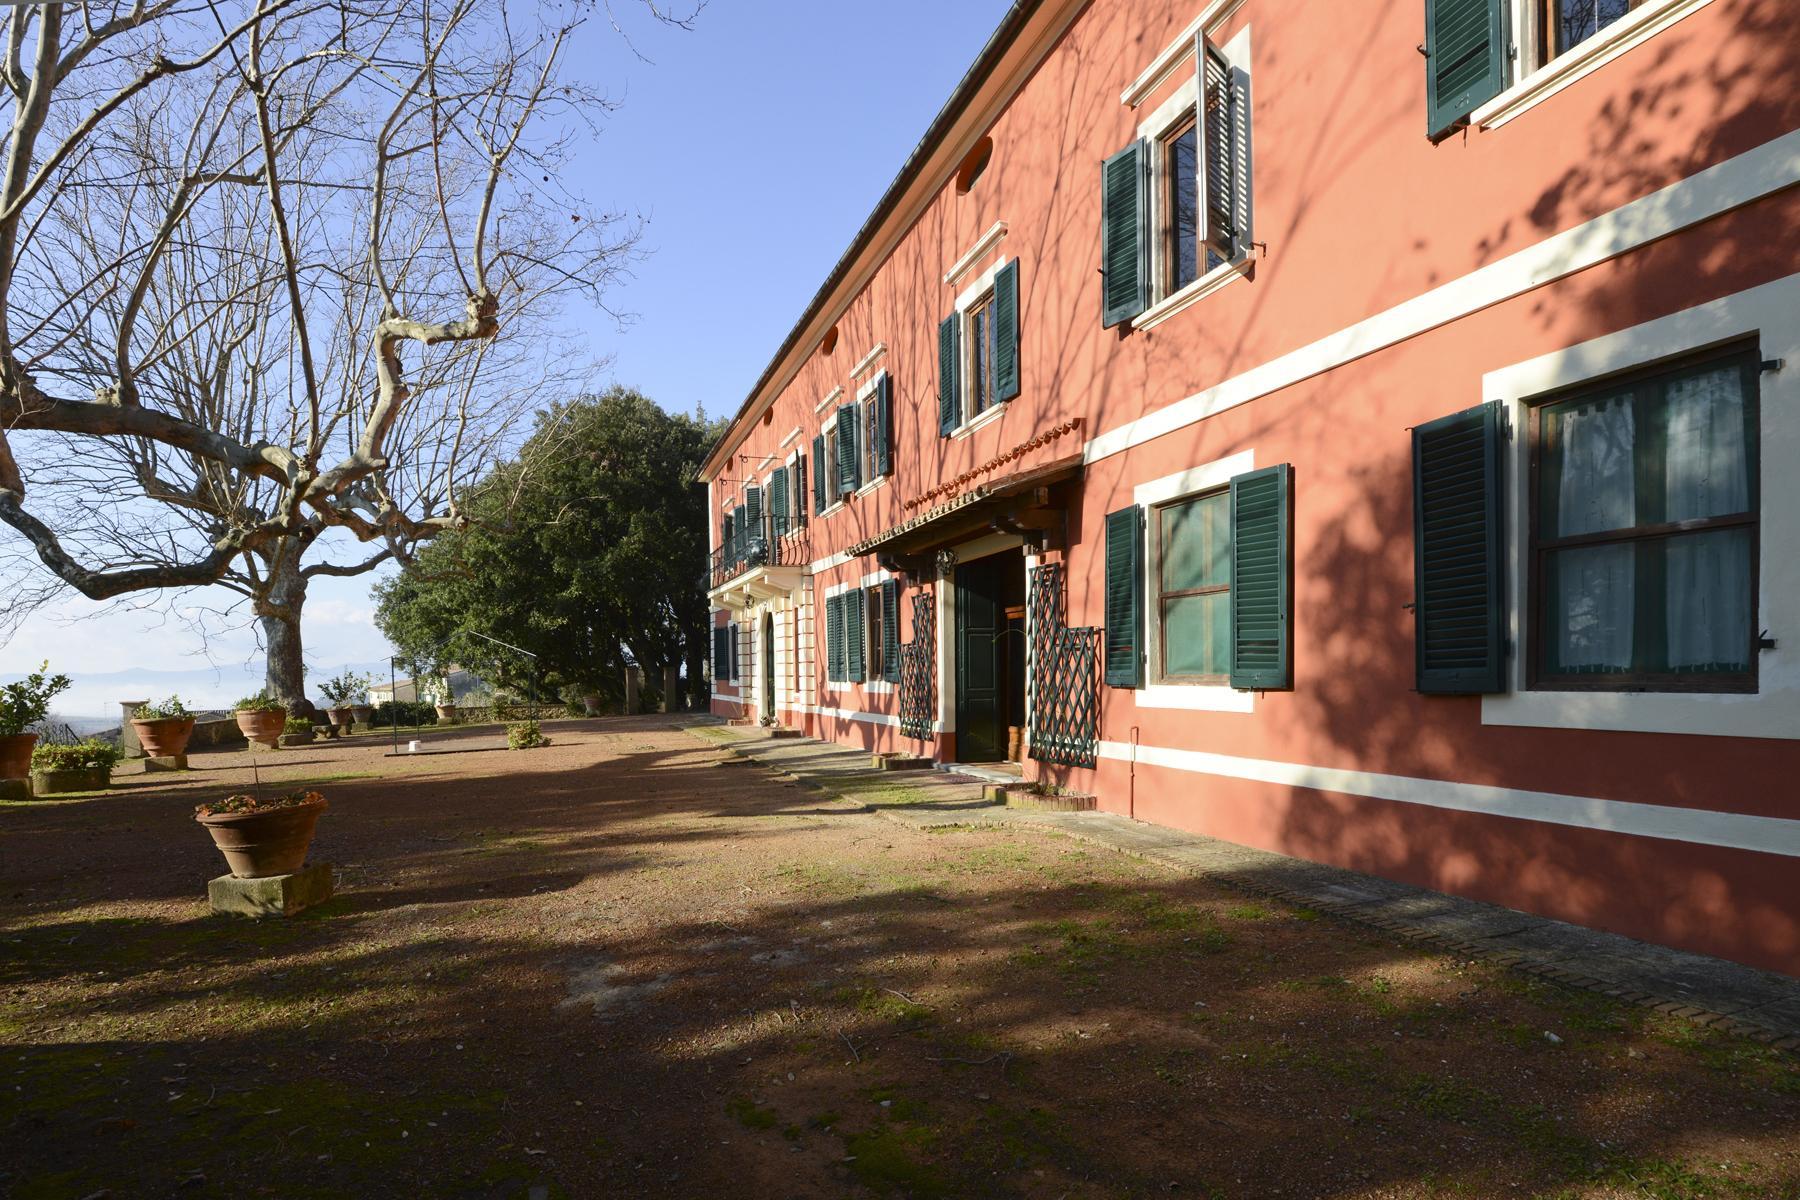 Wunderschönes Bauernhaus mitten auf dem Land von Pisa - 27